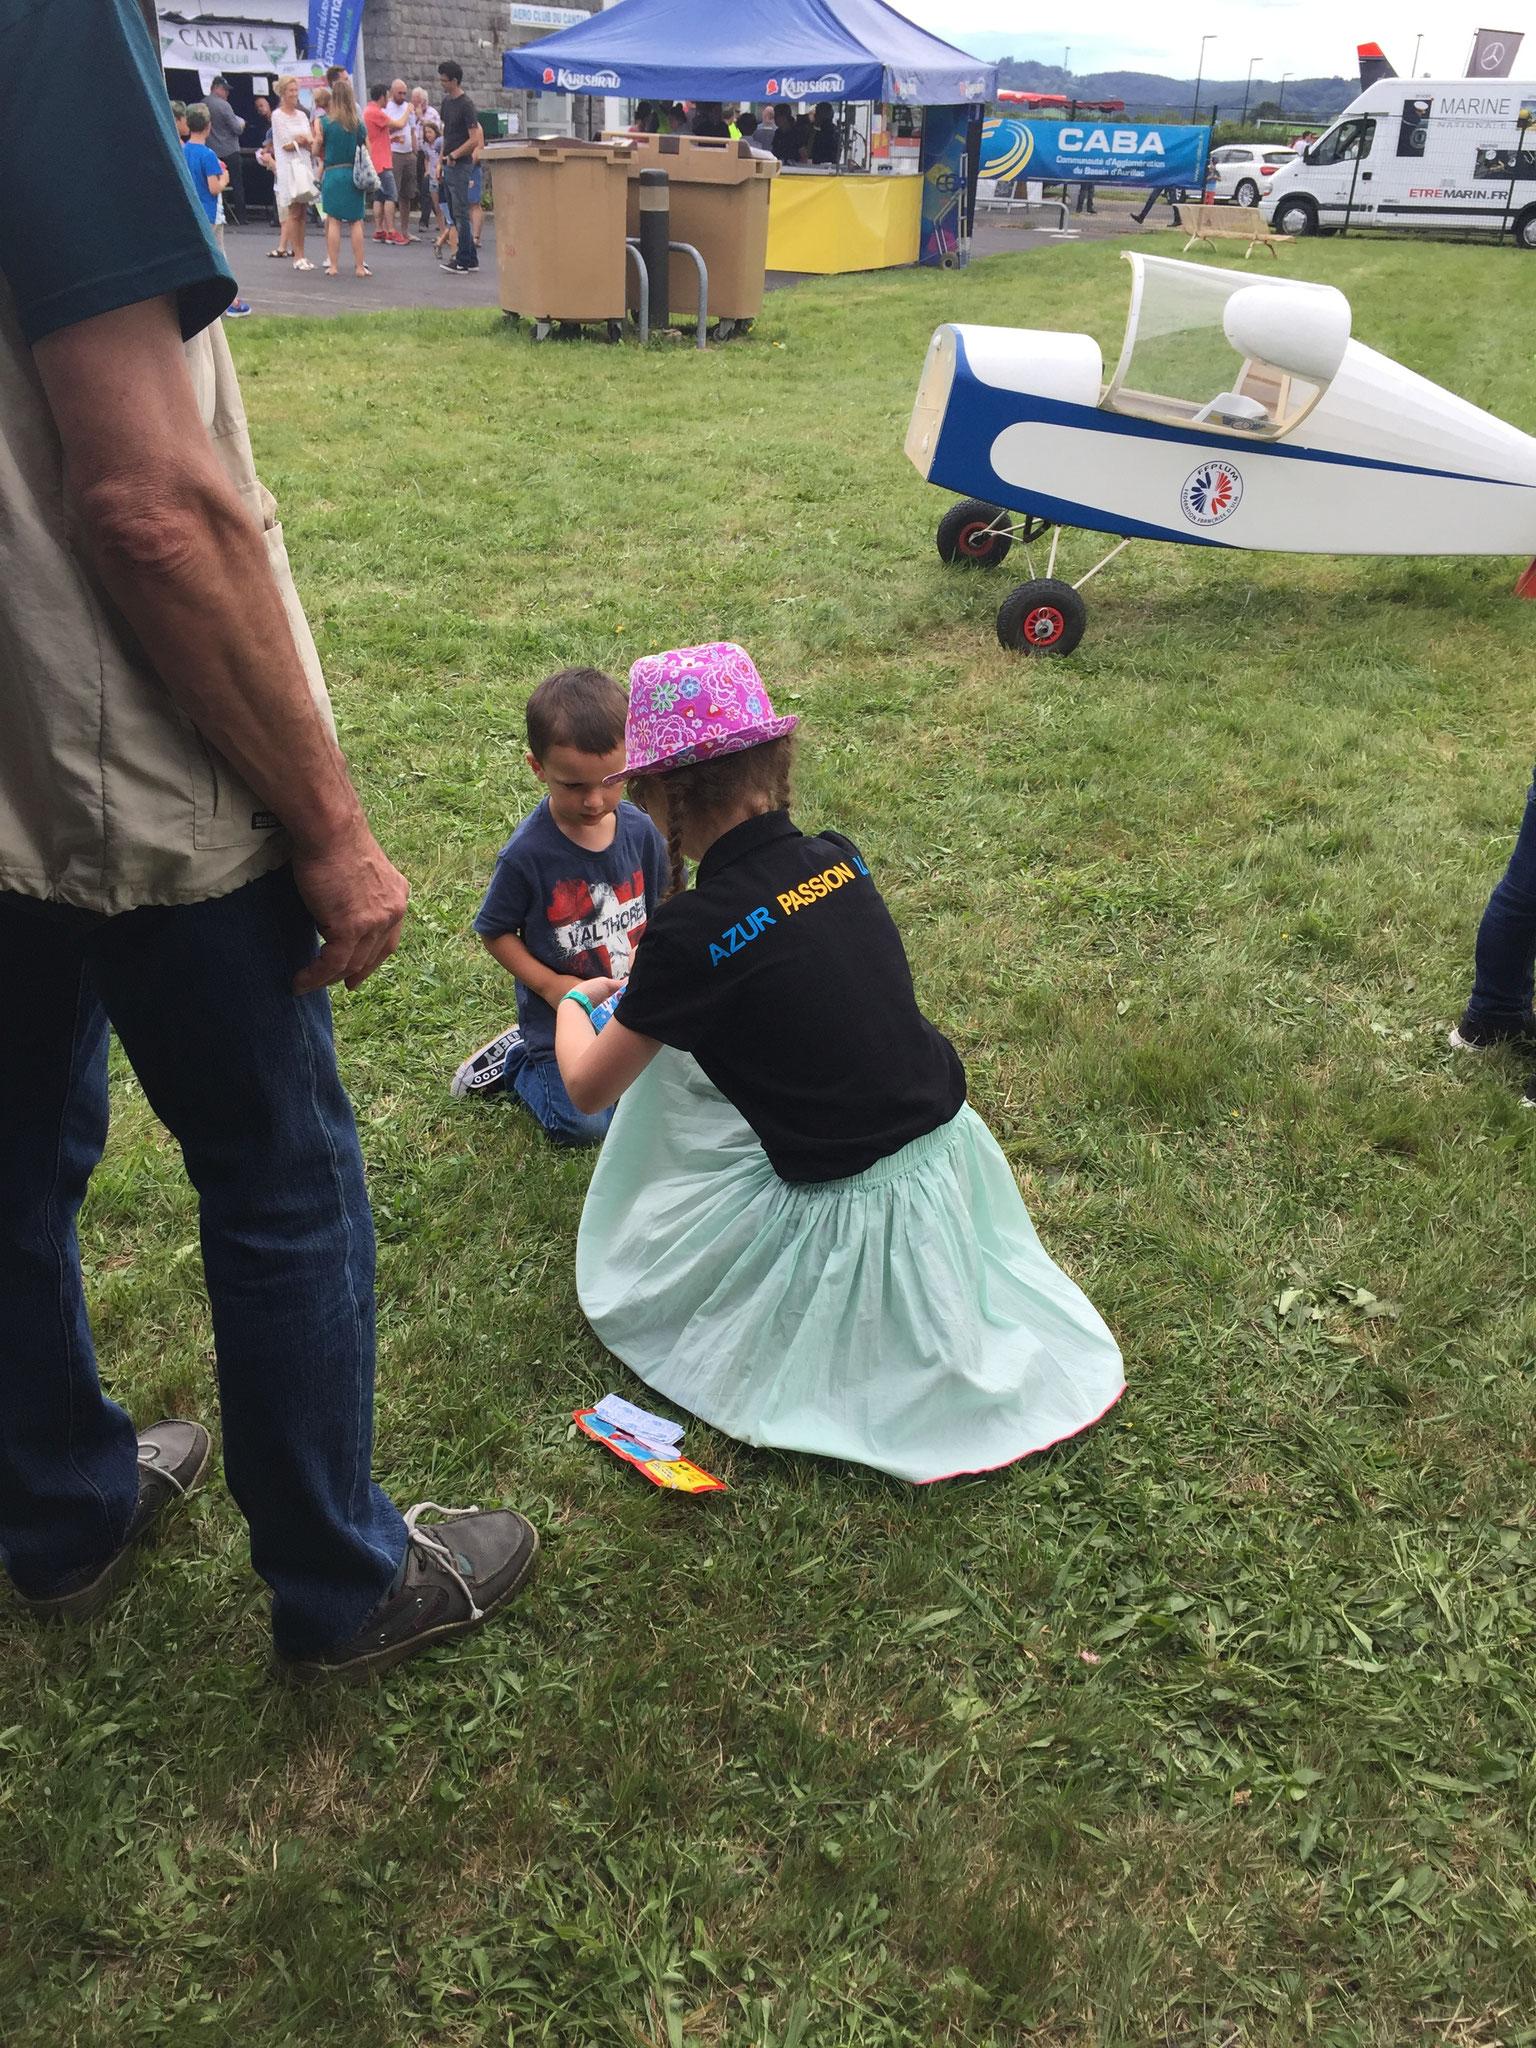 Domitylle aide à construire un planeur avec un enfant